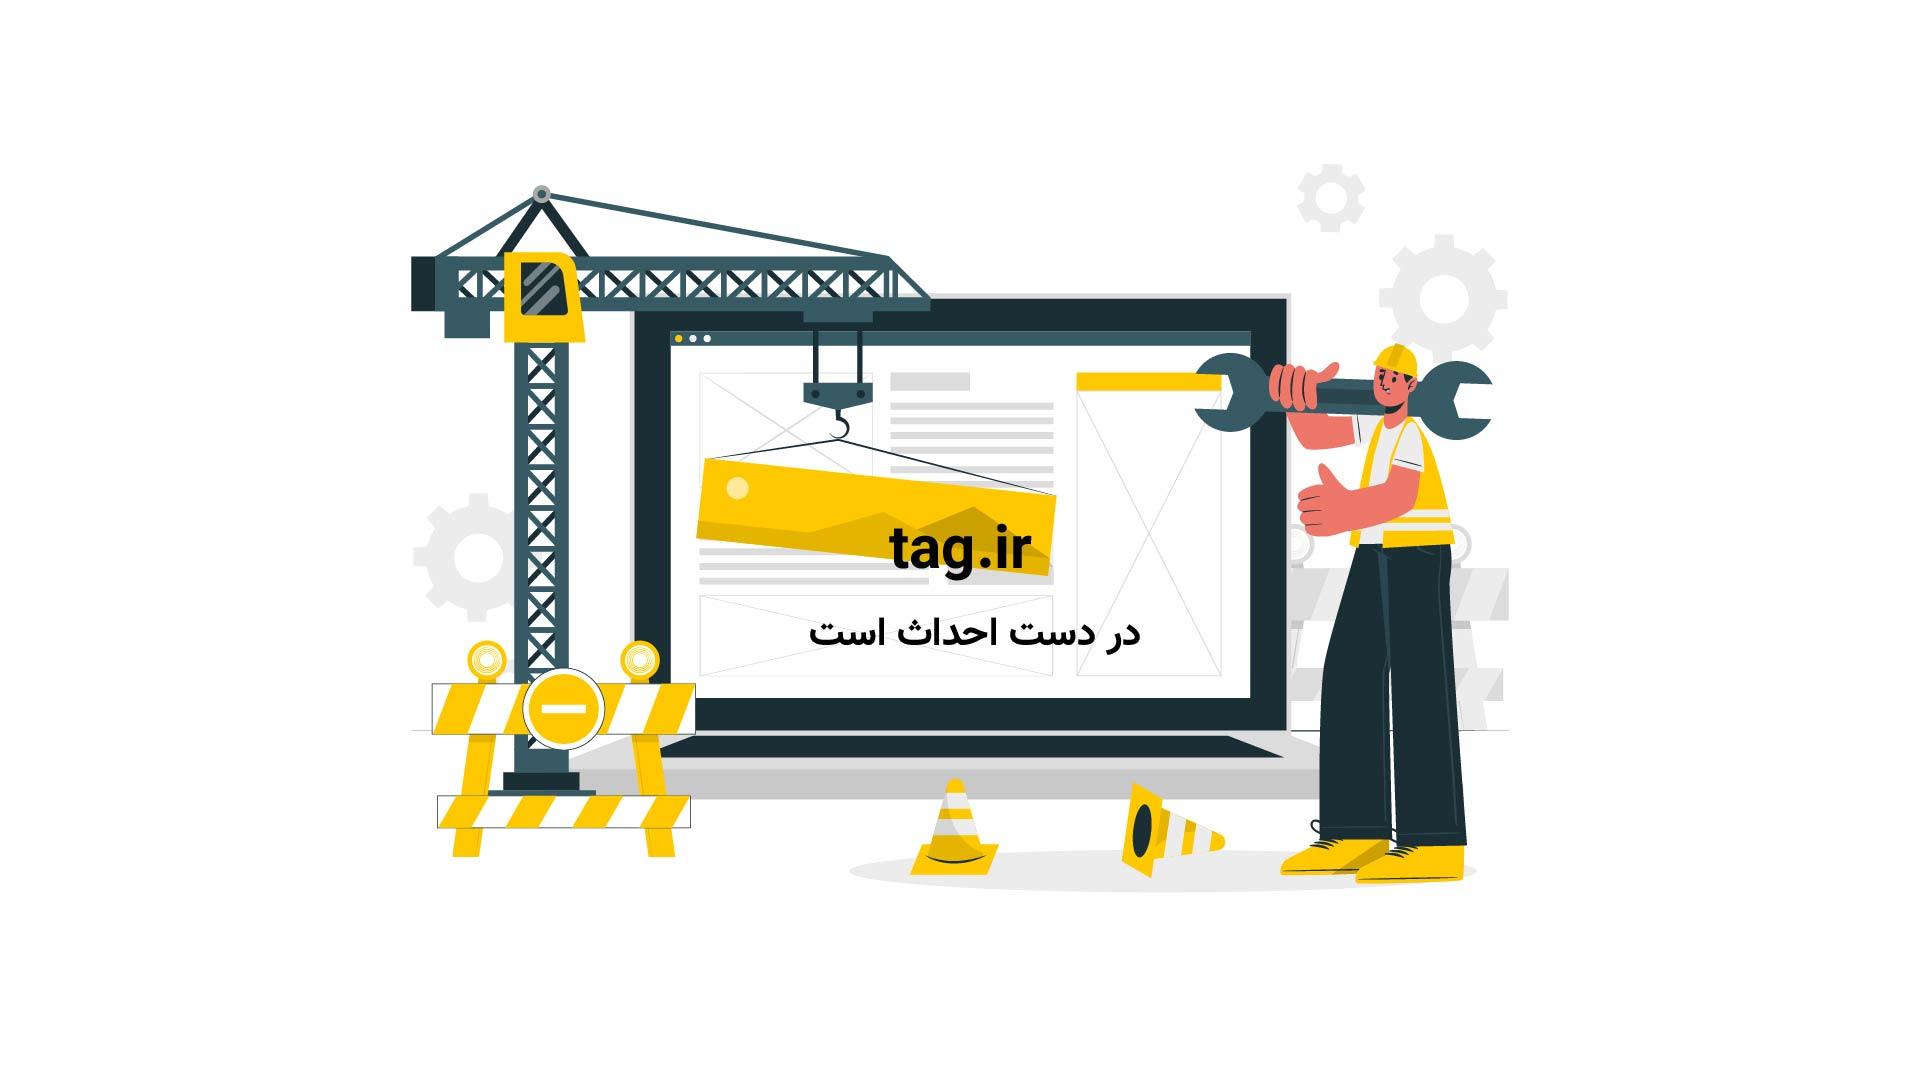 نقاشی پرندگان | تگ